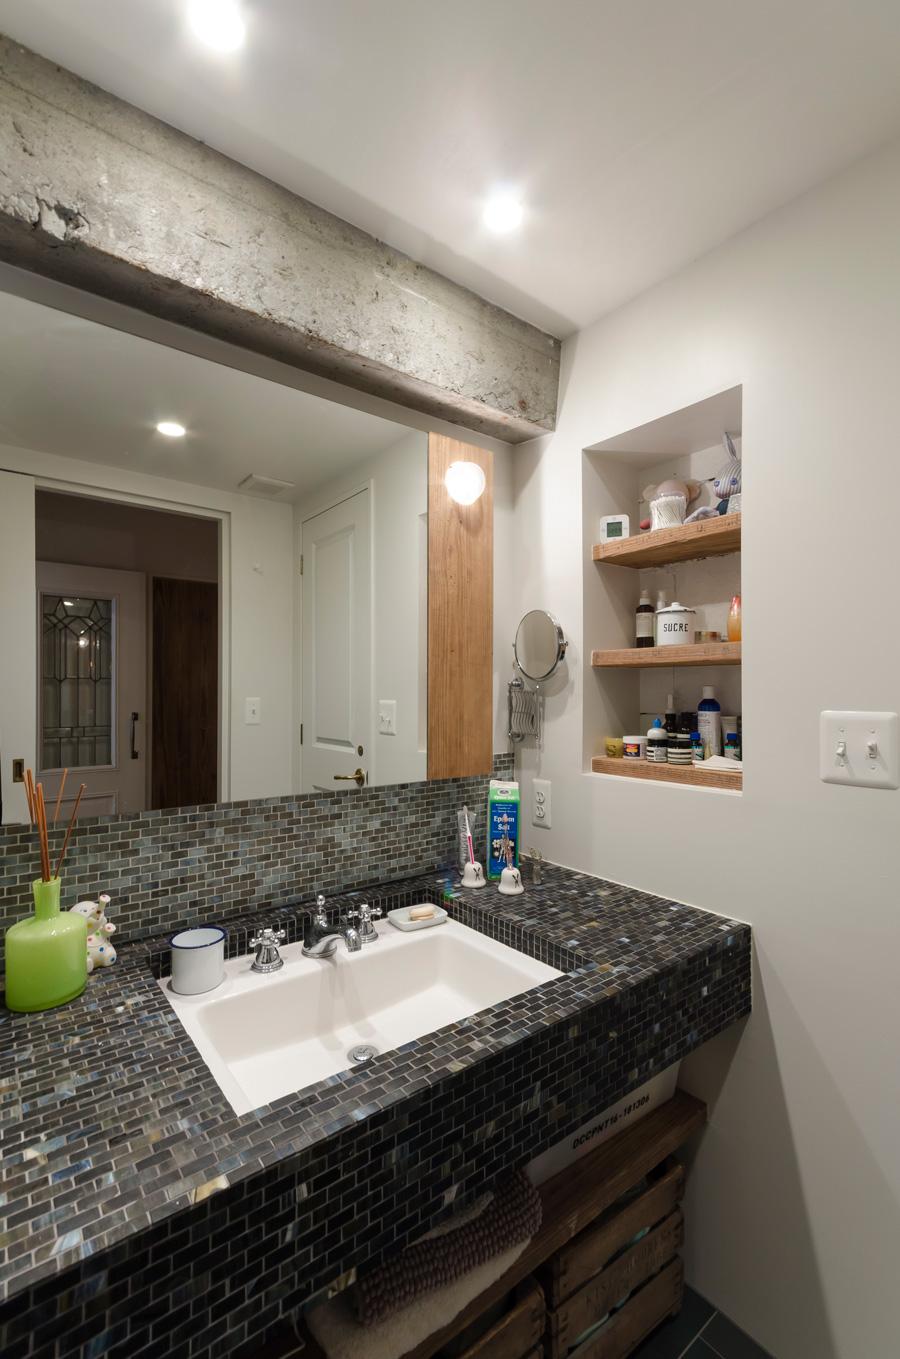 トイレ内には手洗い場を設けず、浴室前の洗面台と兼ねることで広いスペースを確保。